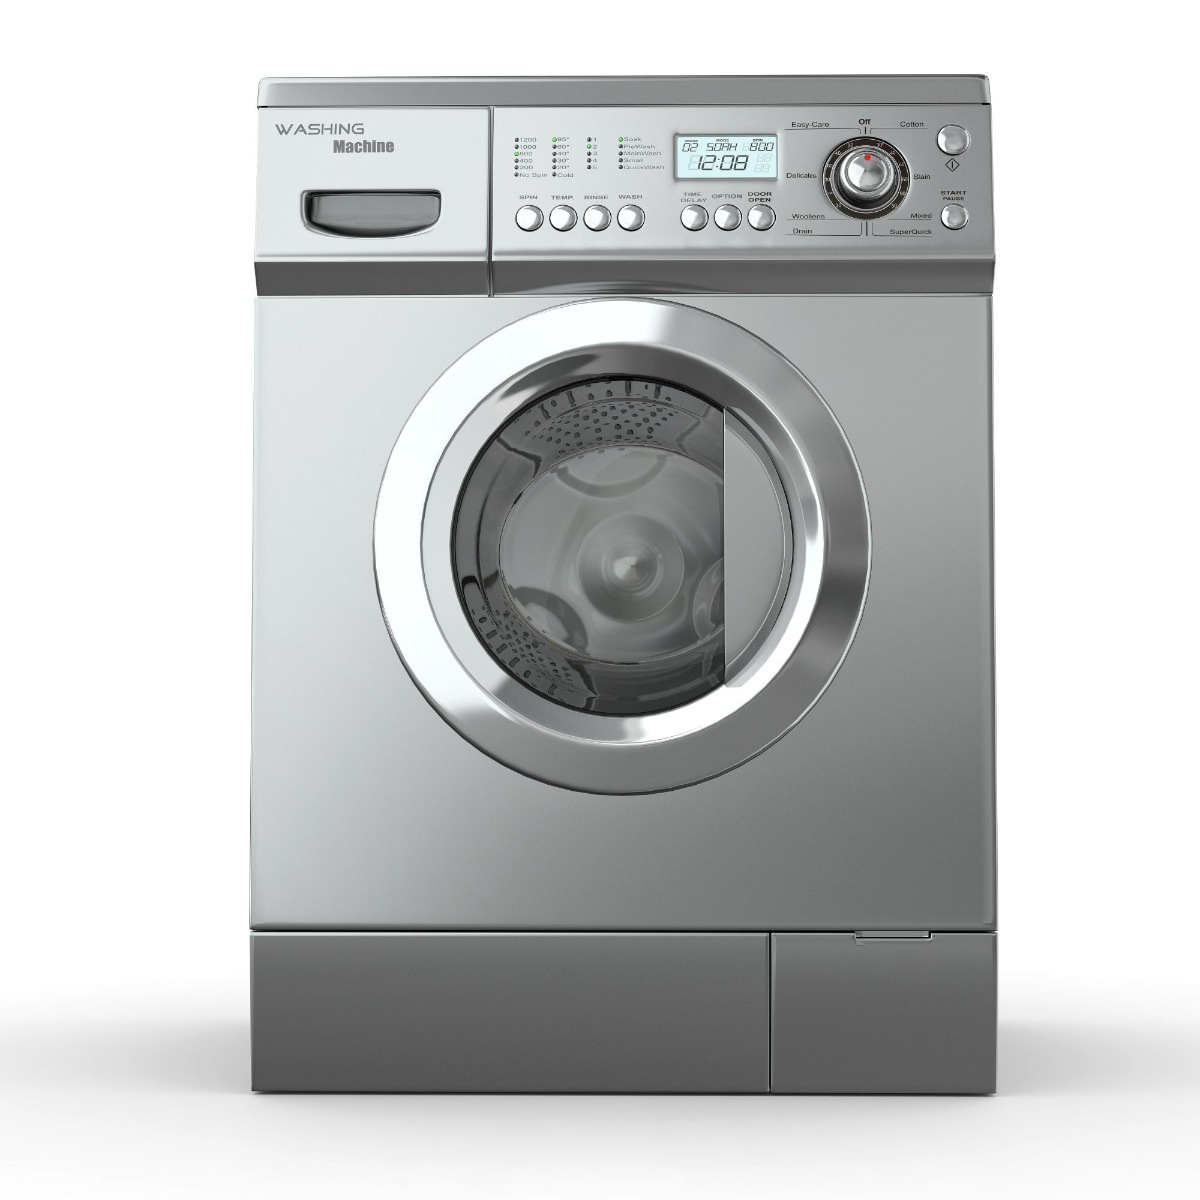 washingmachines.jpg